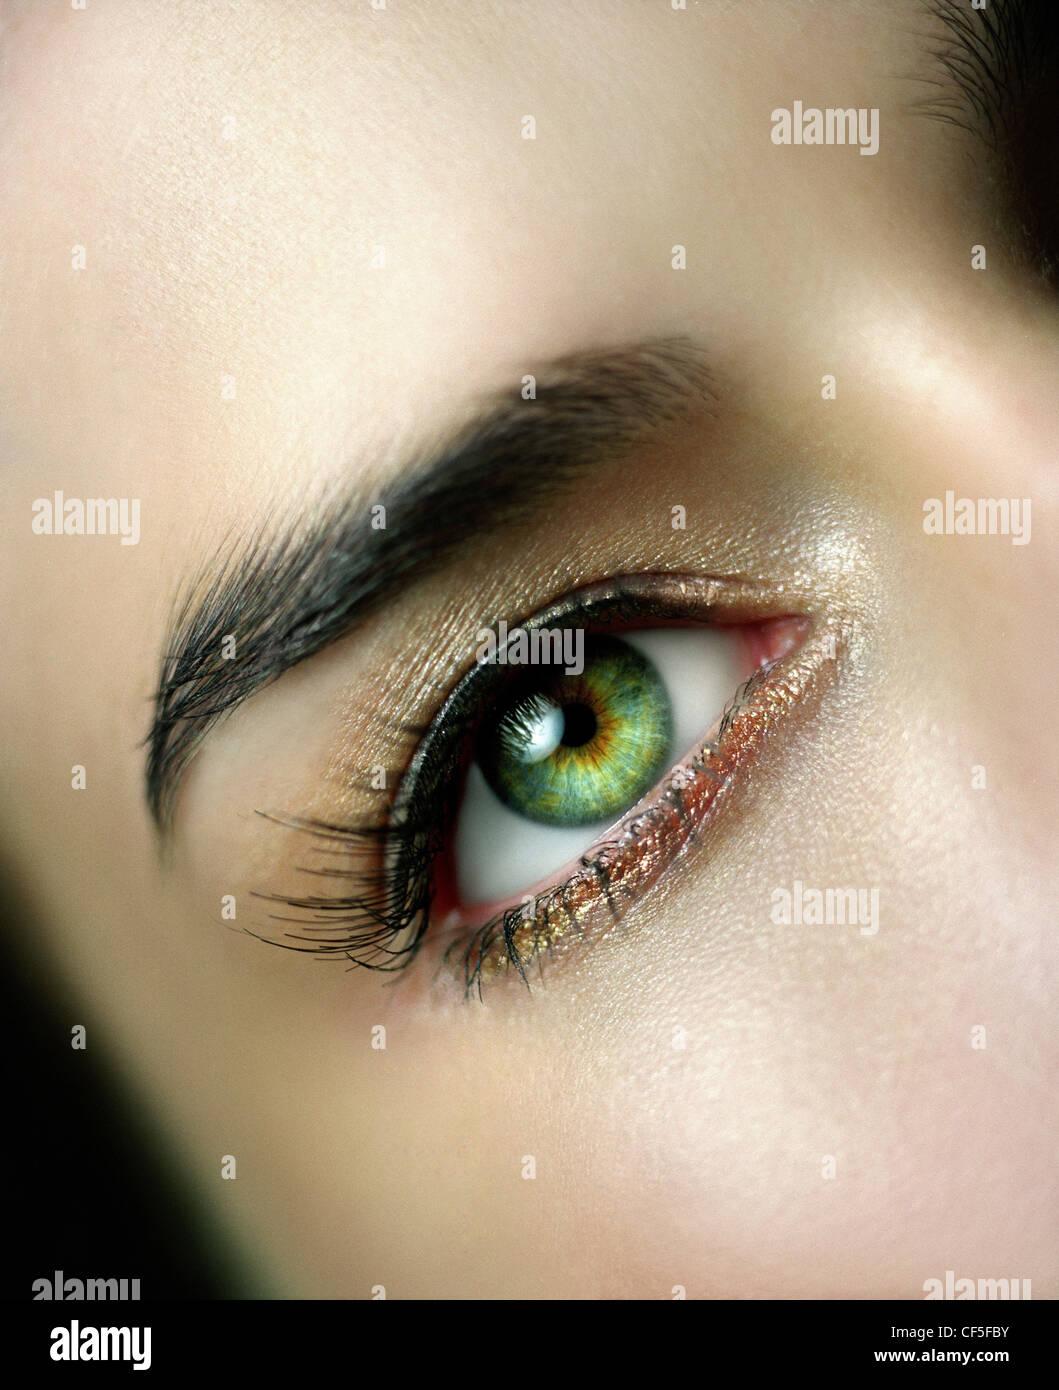 Female wearing gold shimmer eyeshadow, black liquid eyeliner and false eyelashes - Stock Image